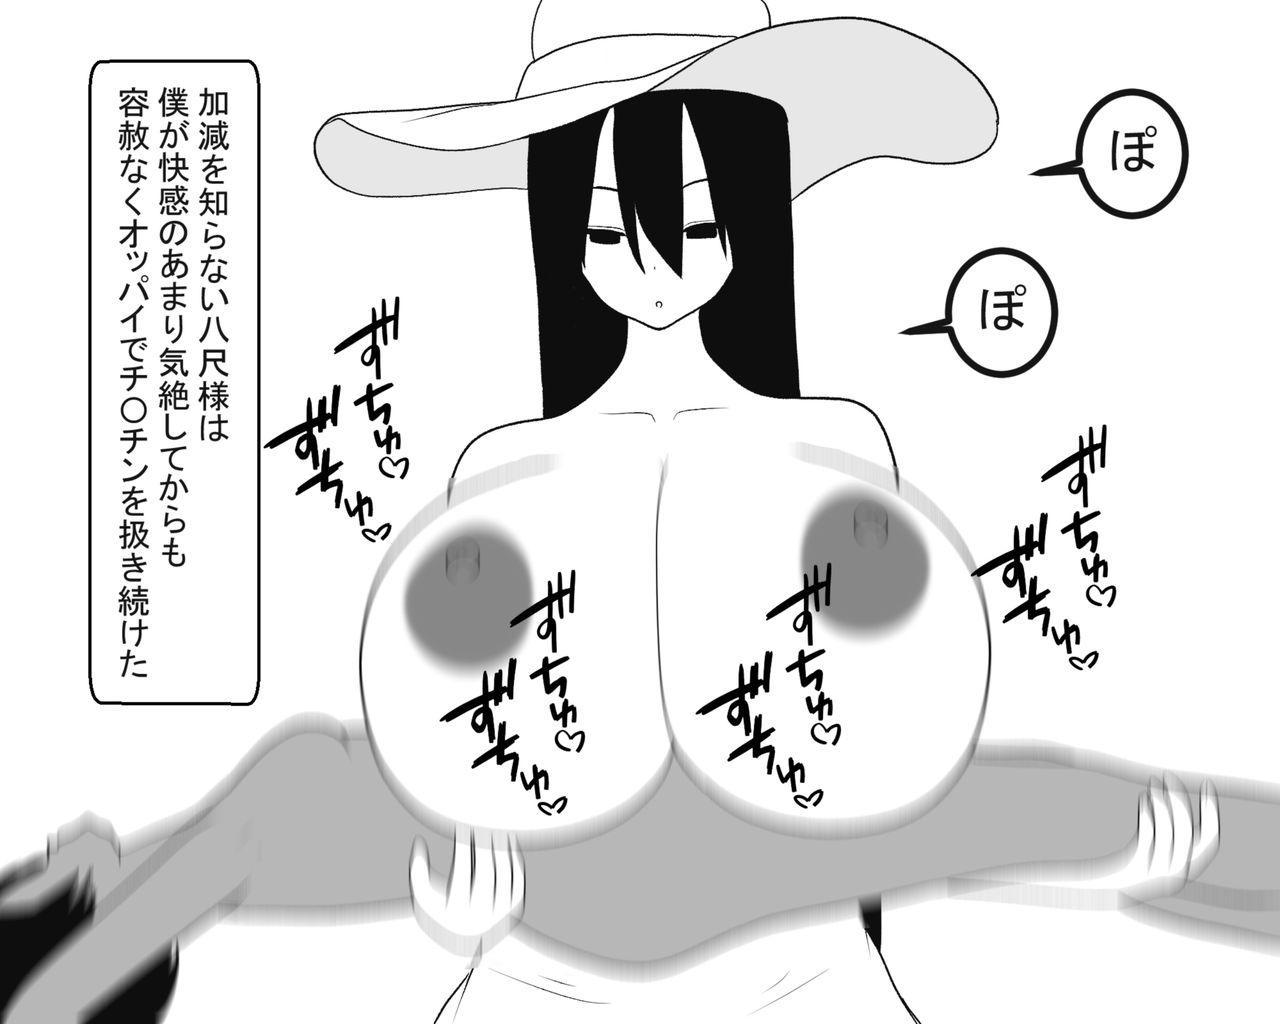 Hasshaku-sama to Boku no Paizuri Memories 47